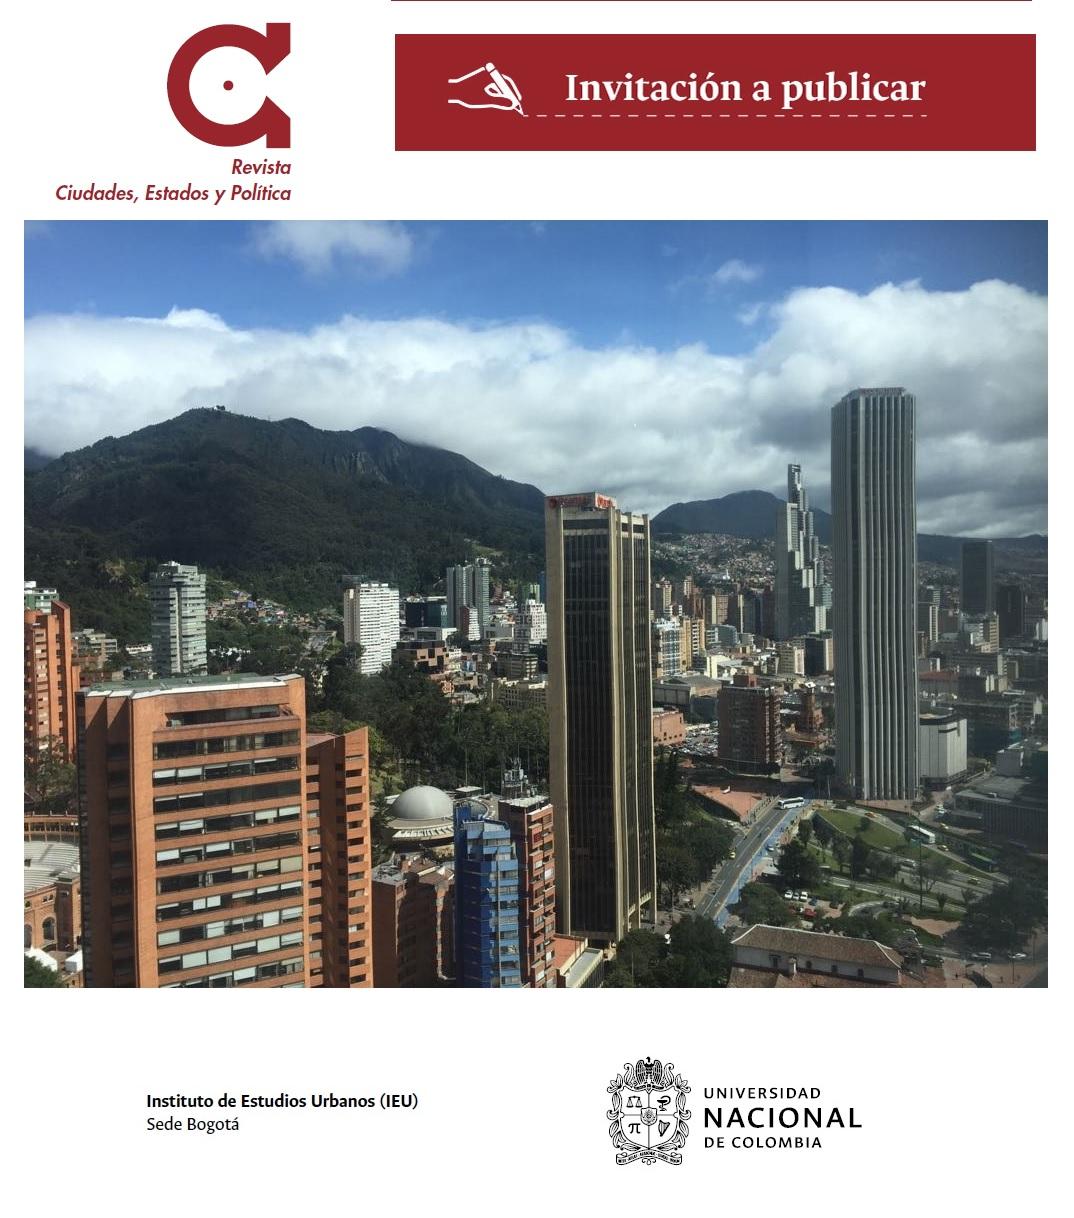 Abierta convocatoria para publicar artículos en la Revista Ciudades, Estados y Política